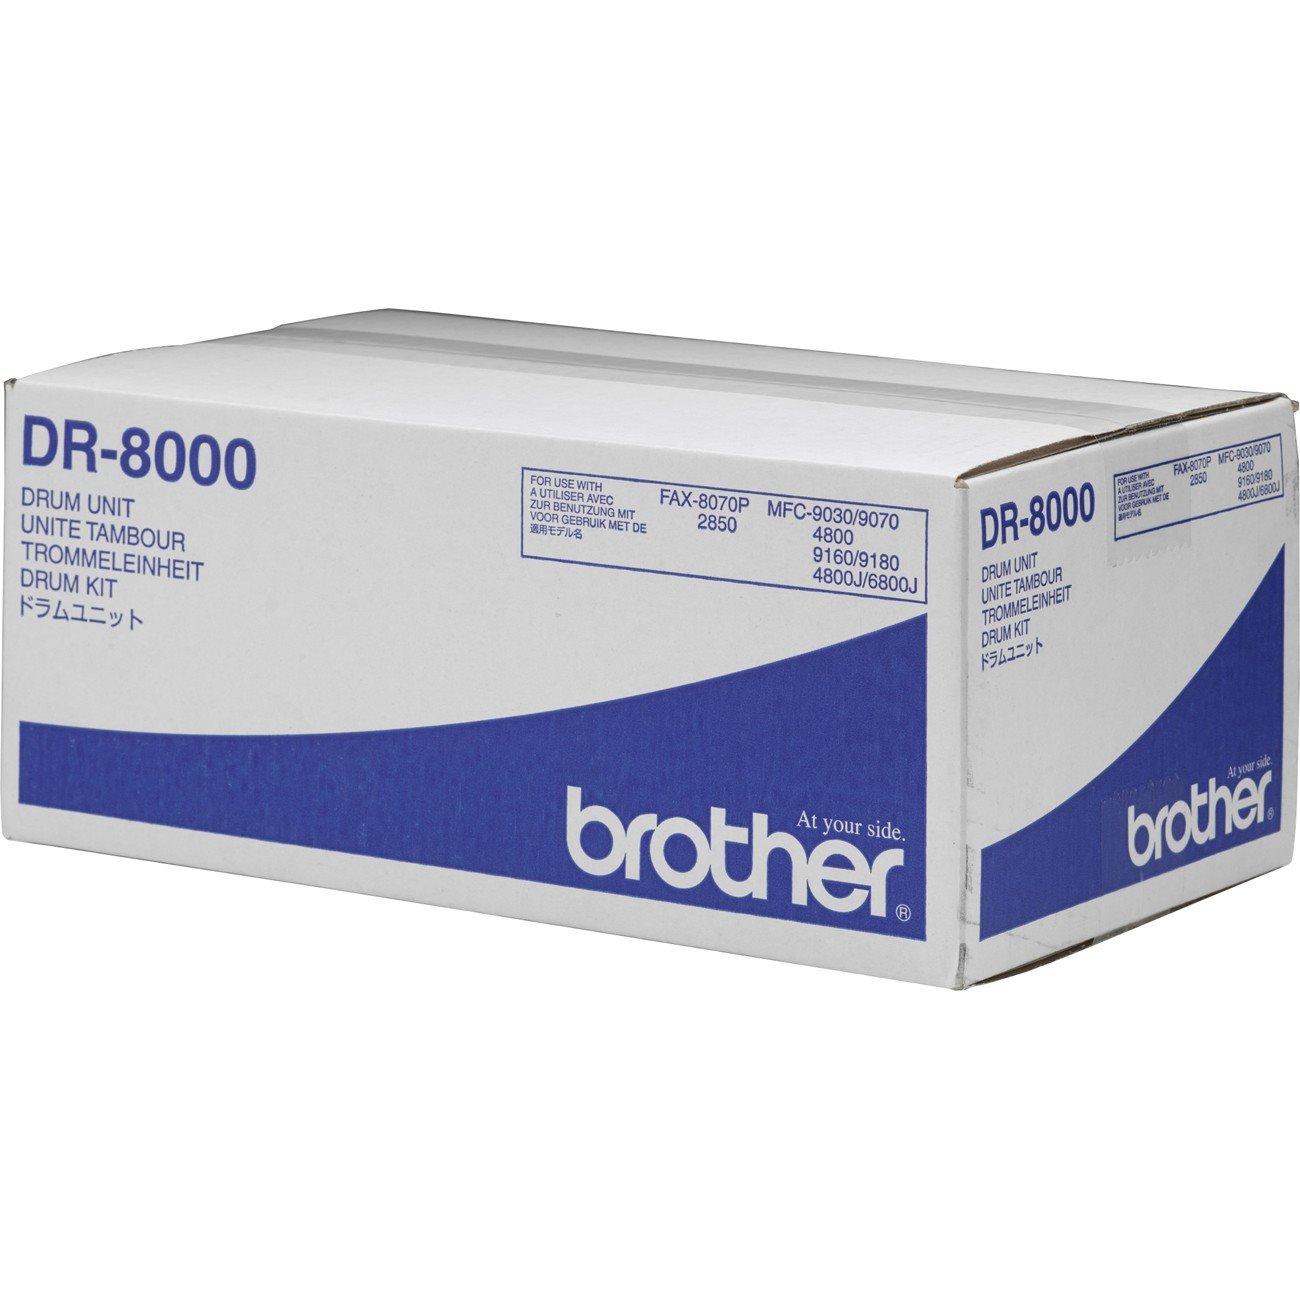 Brother DR 8000 Laser Imaging Drum - Black